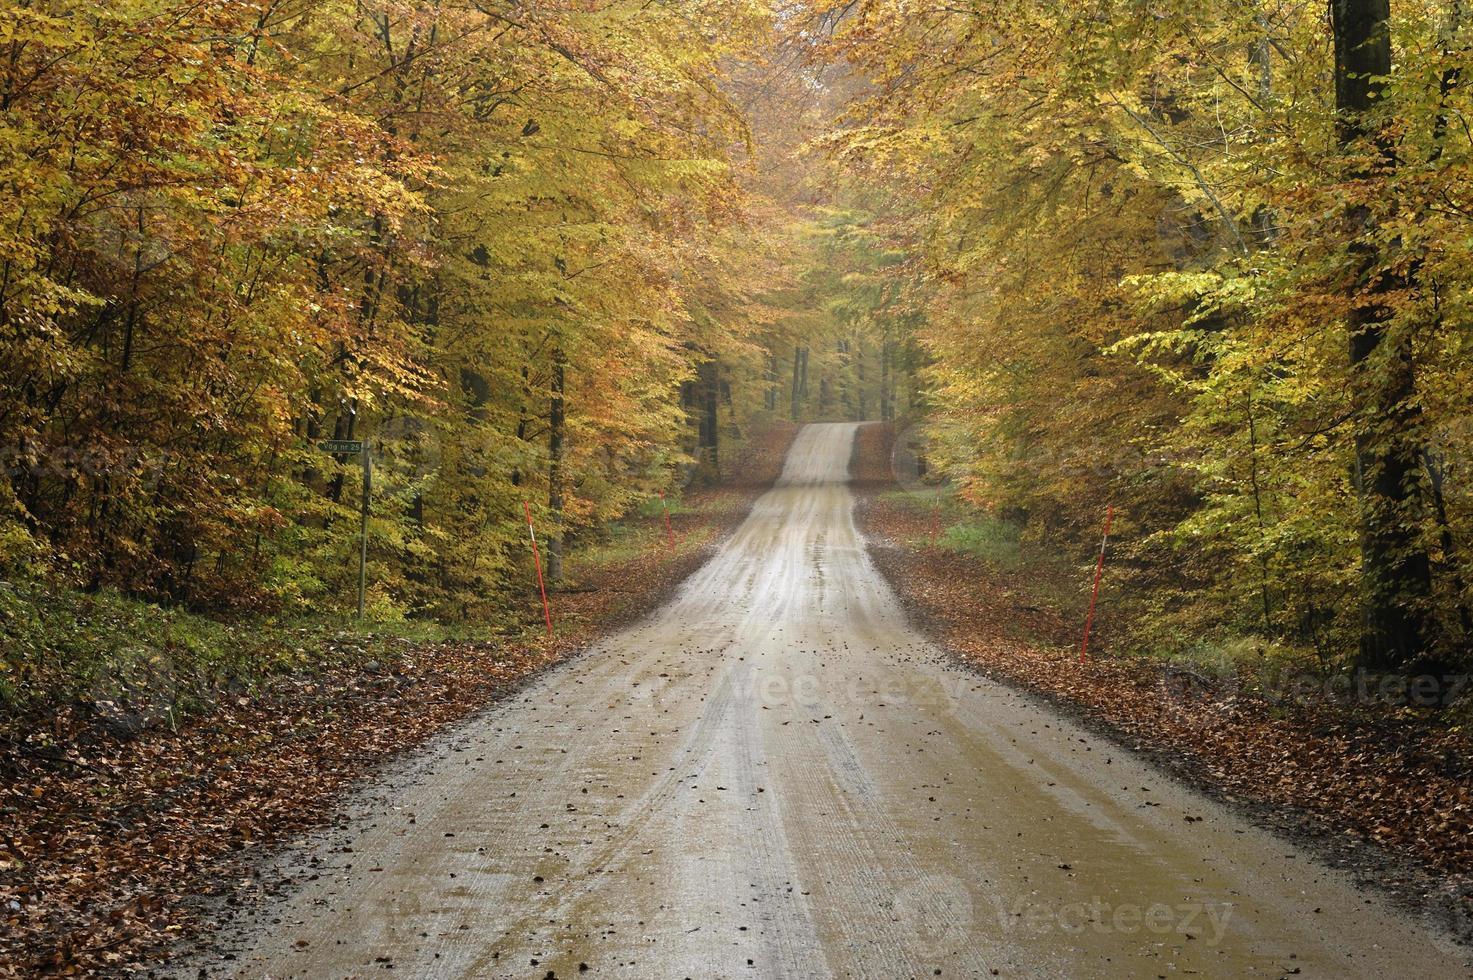 strada sterrata in una faggeta autunnale foto